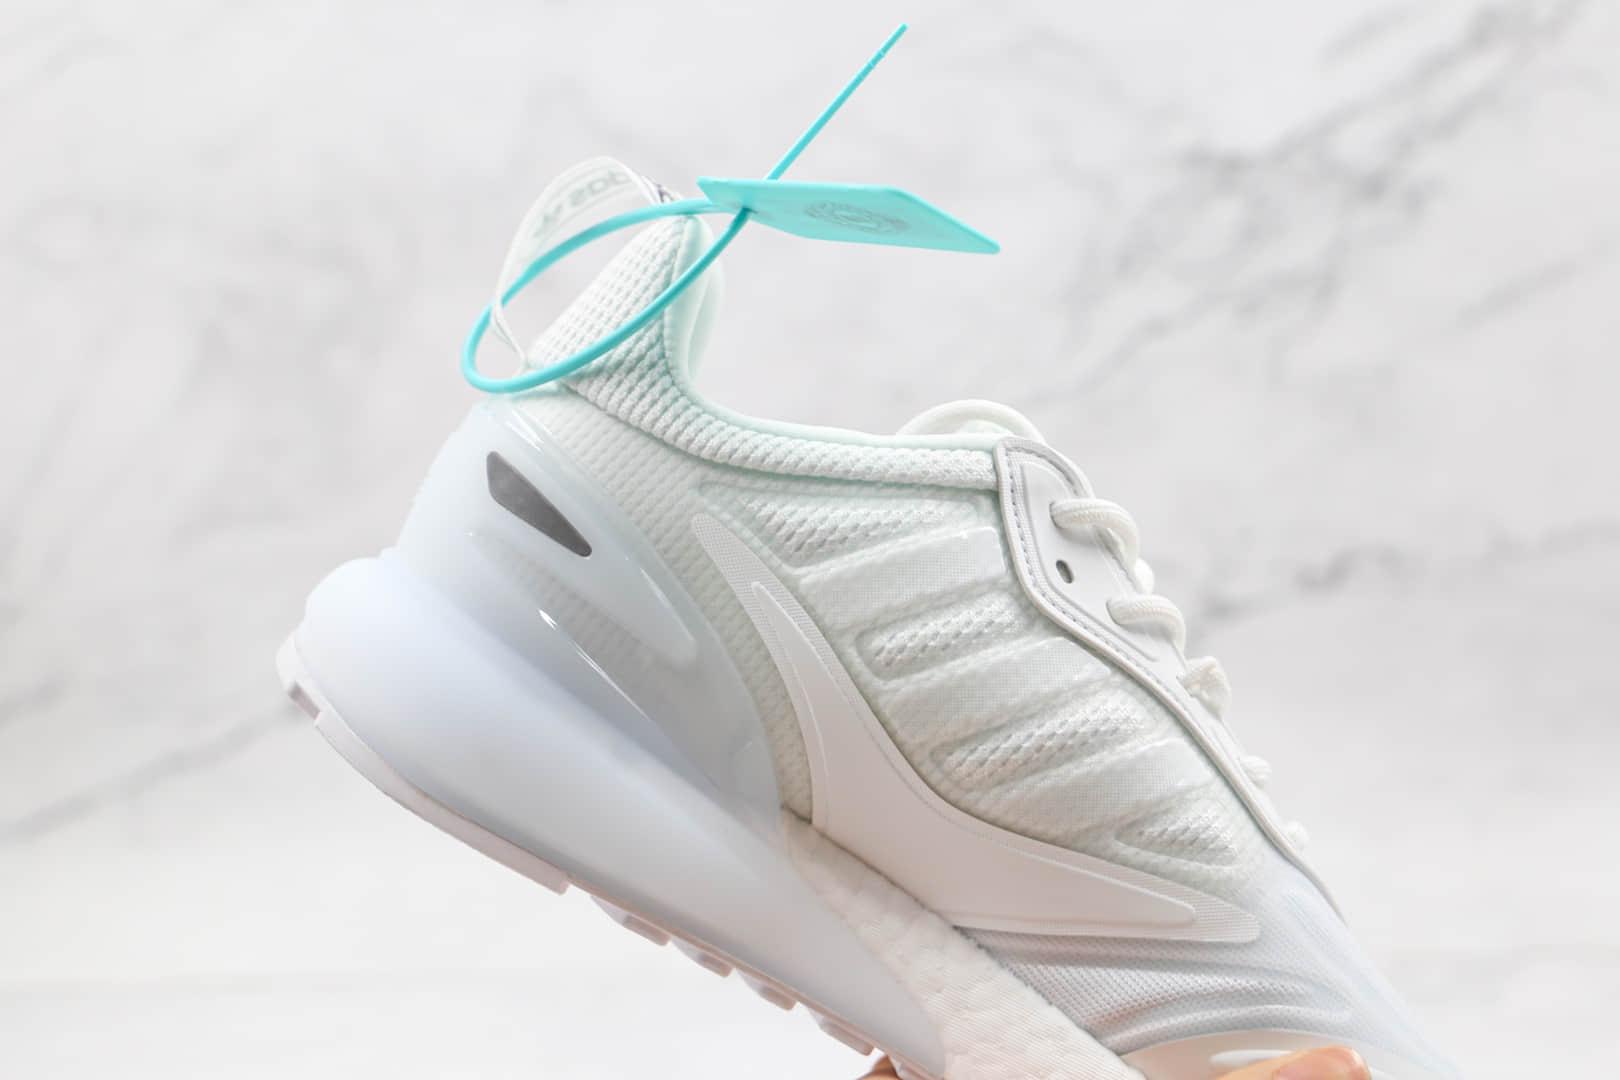 阿迪达斯Adidas Originals ZX 2K Boost 2.0纯原版本纯白ZX 2K爆米花跑鞋原楦头纸板打造 货号:GZ7741